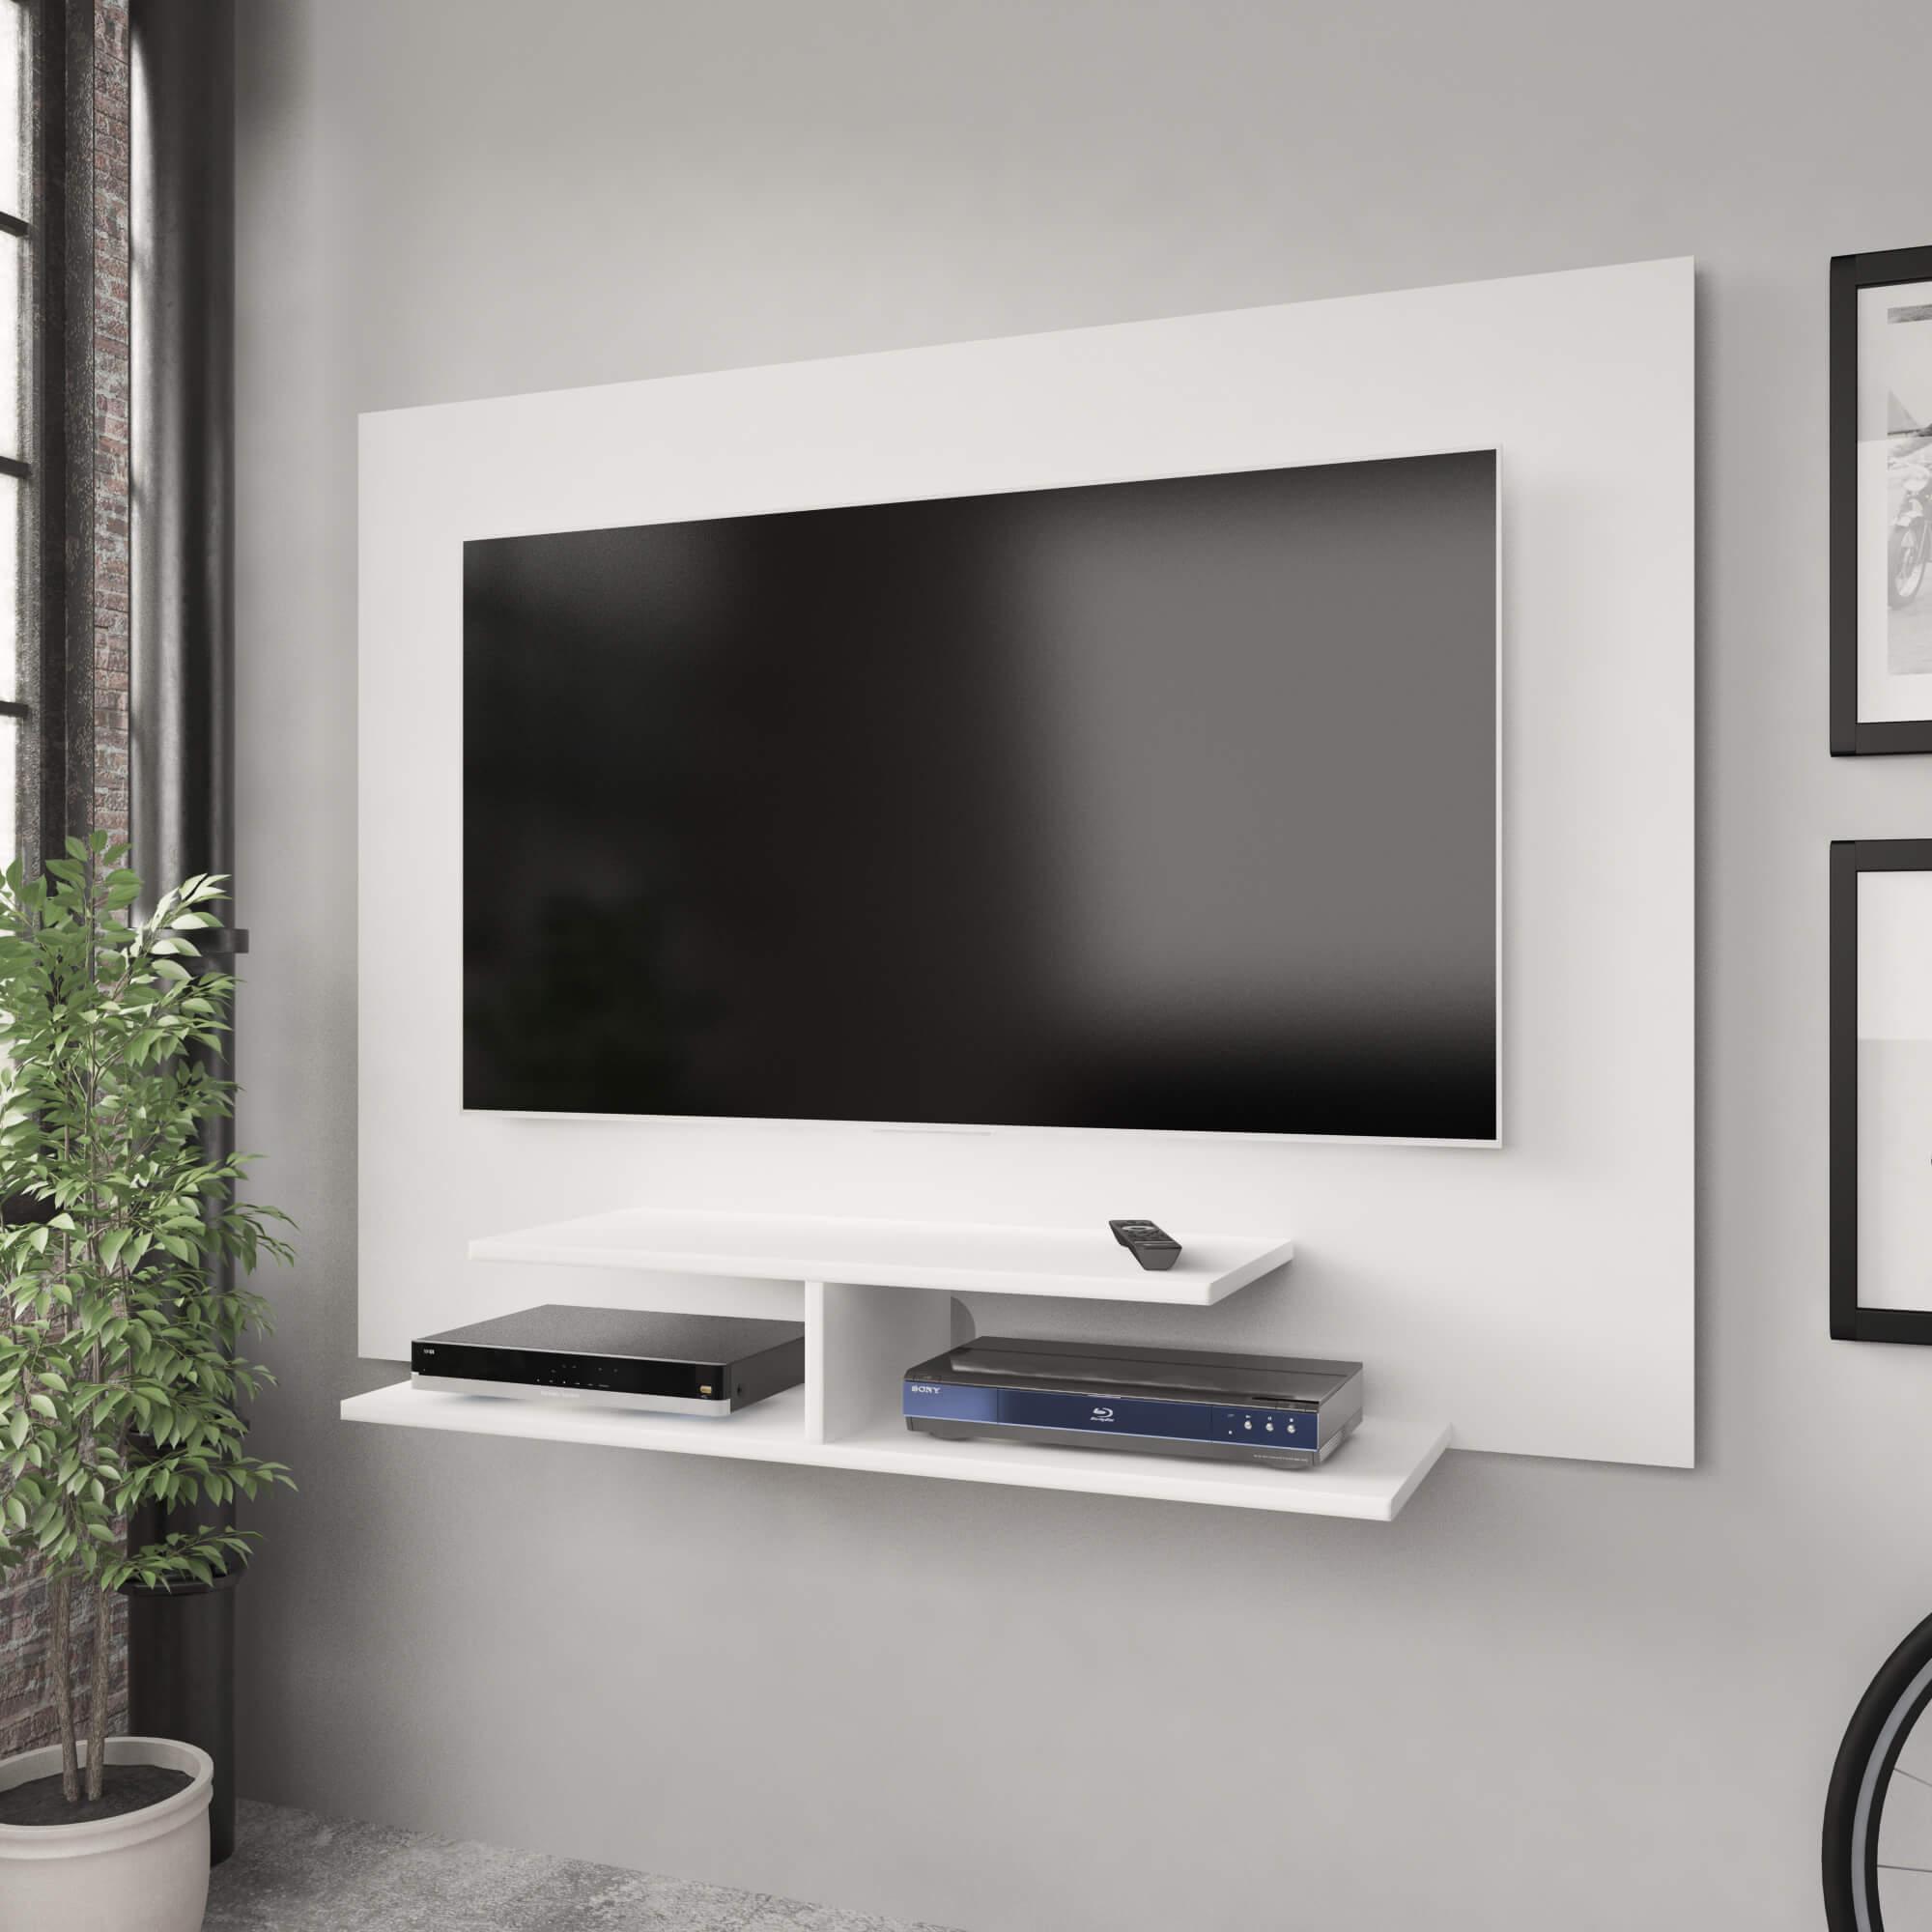 Painel Jet Plus com suporte para TV - Artely